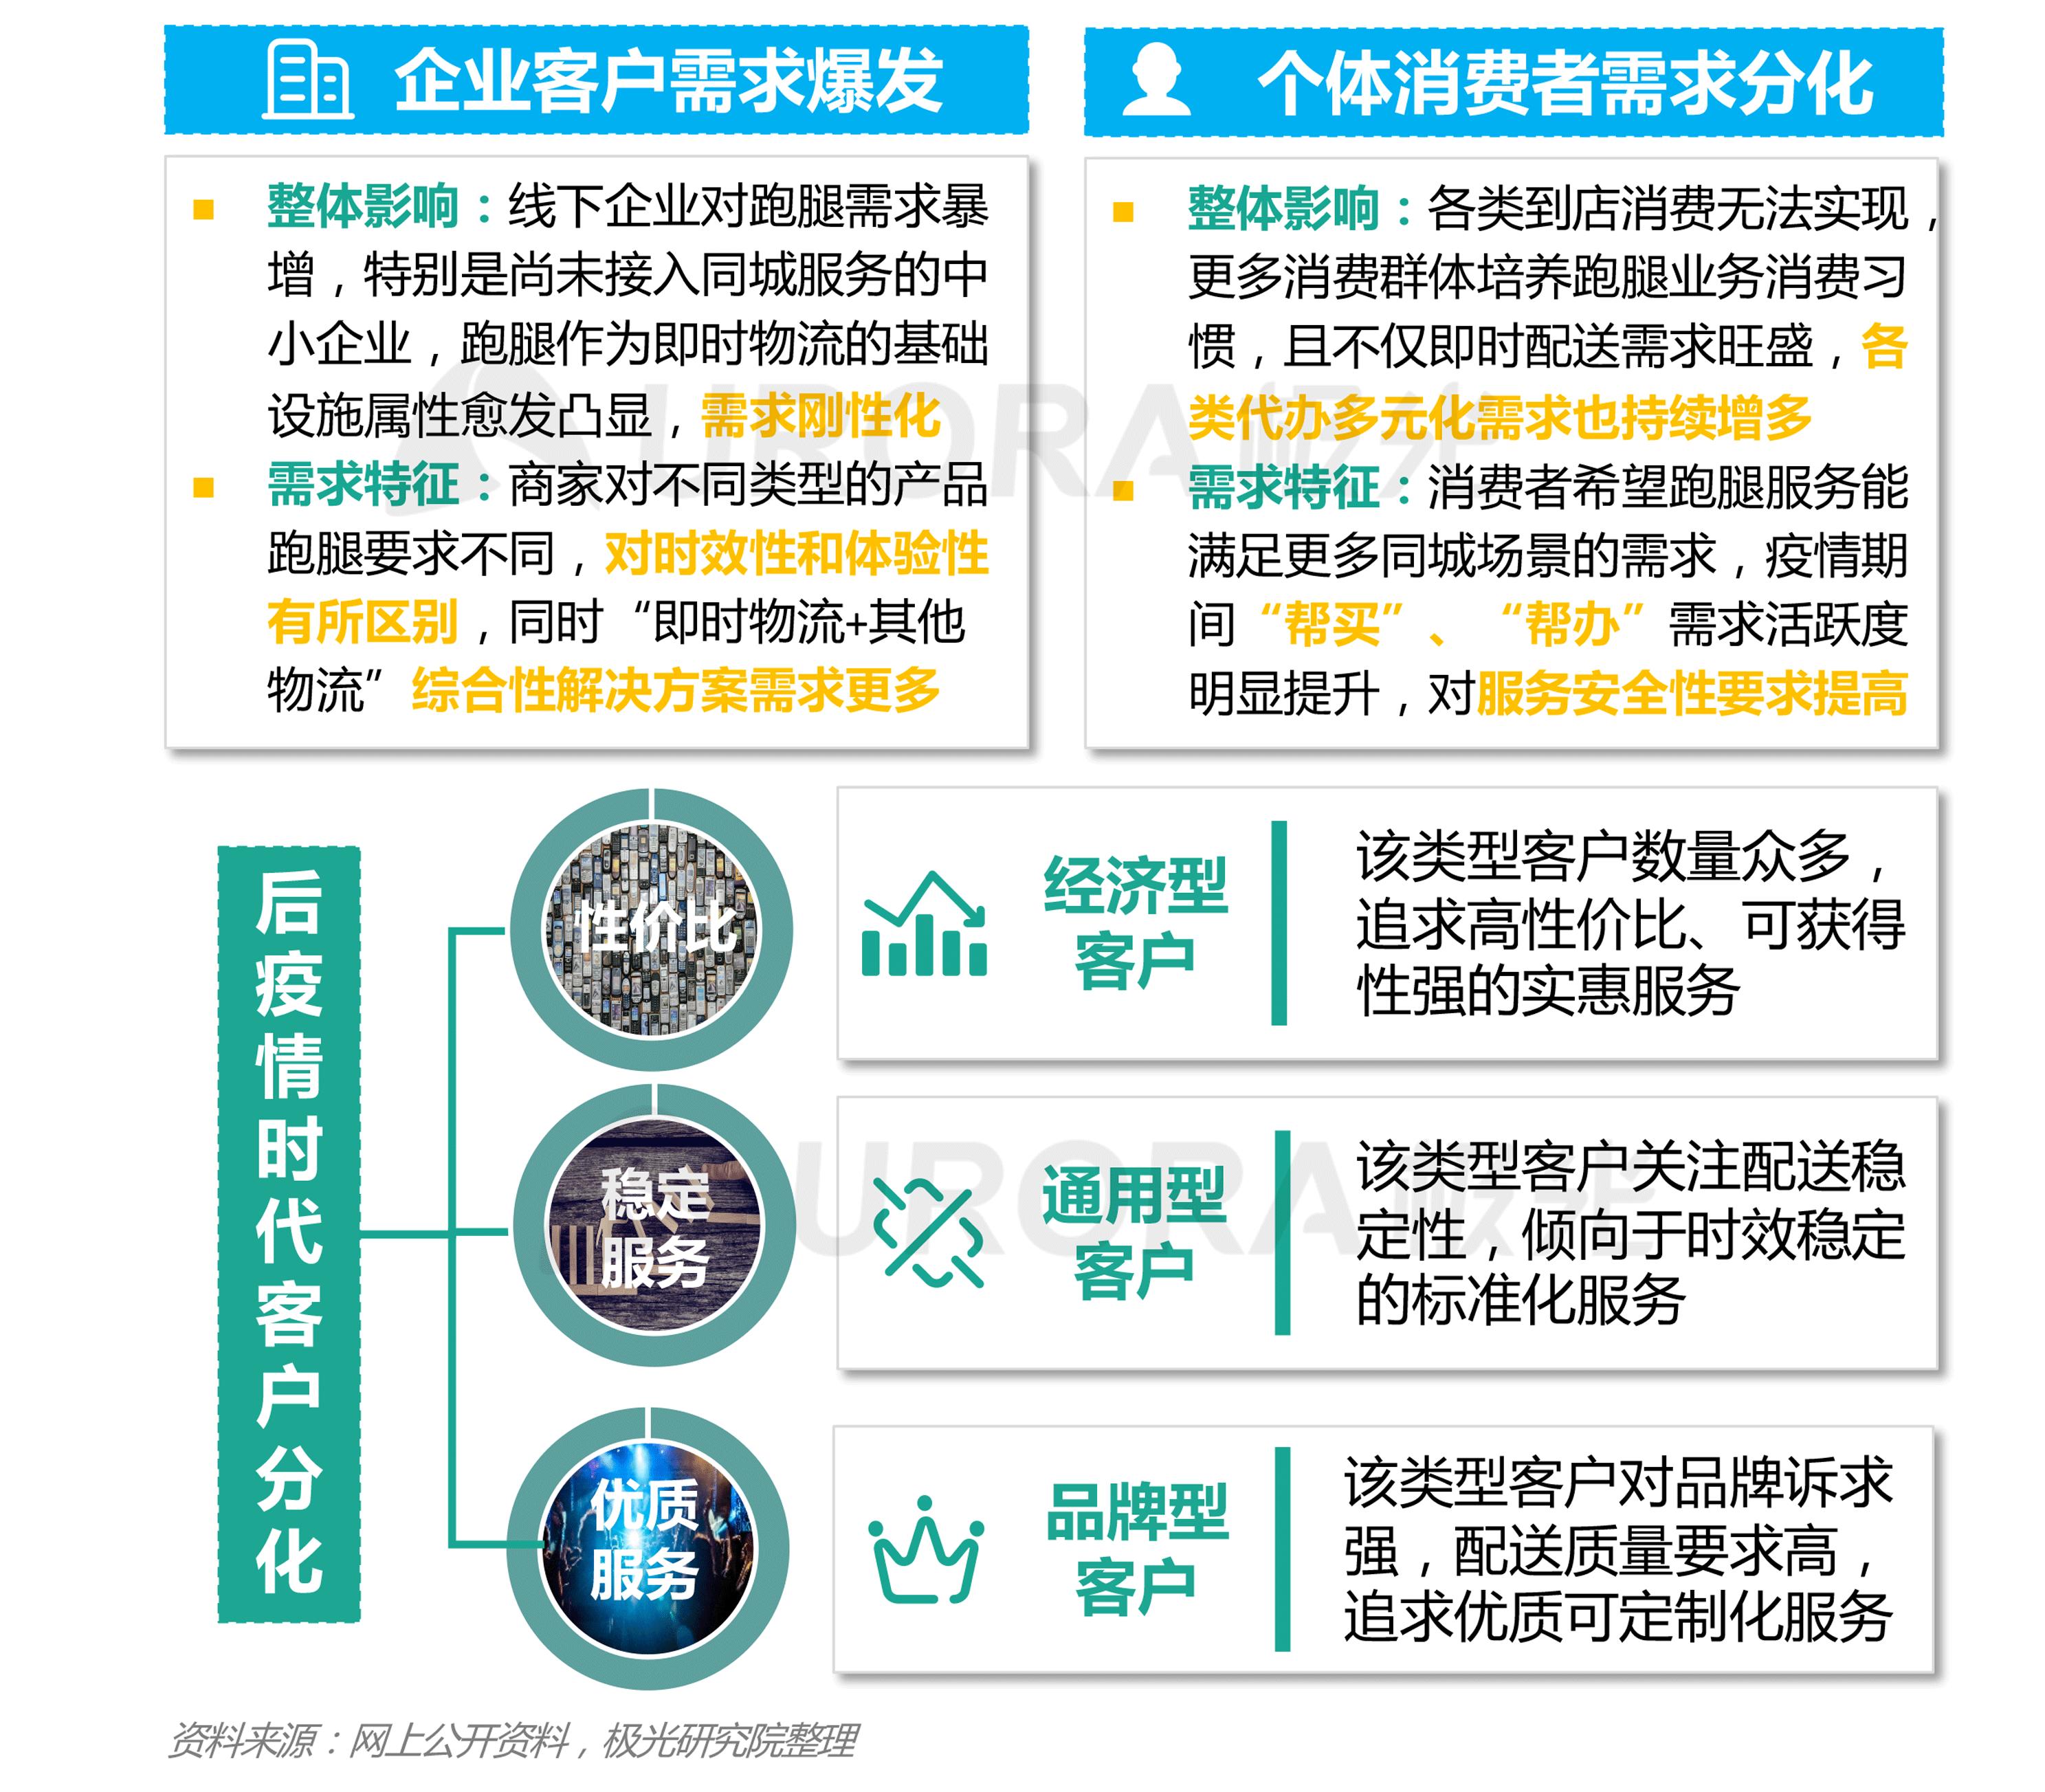 极光:2020年疫情后跑腿行业研究报告 (2).png